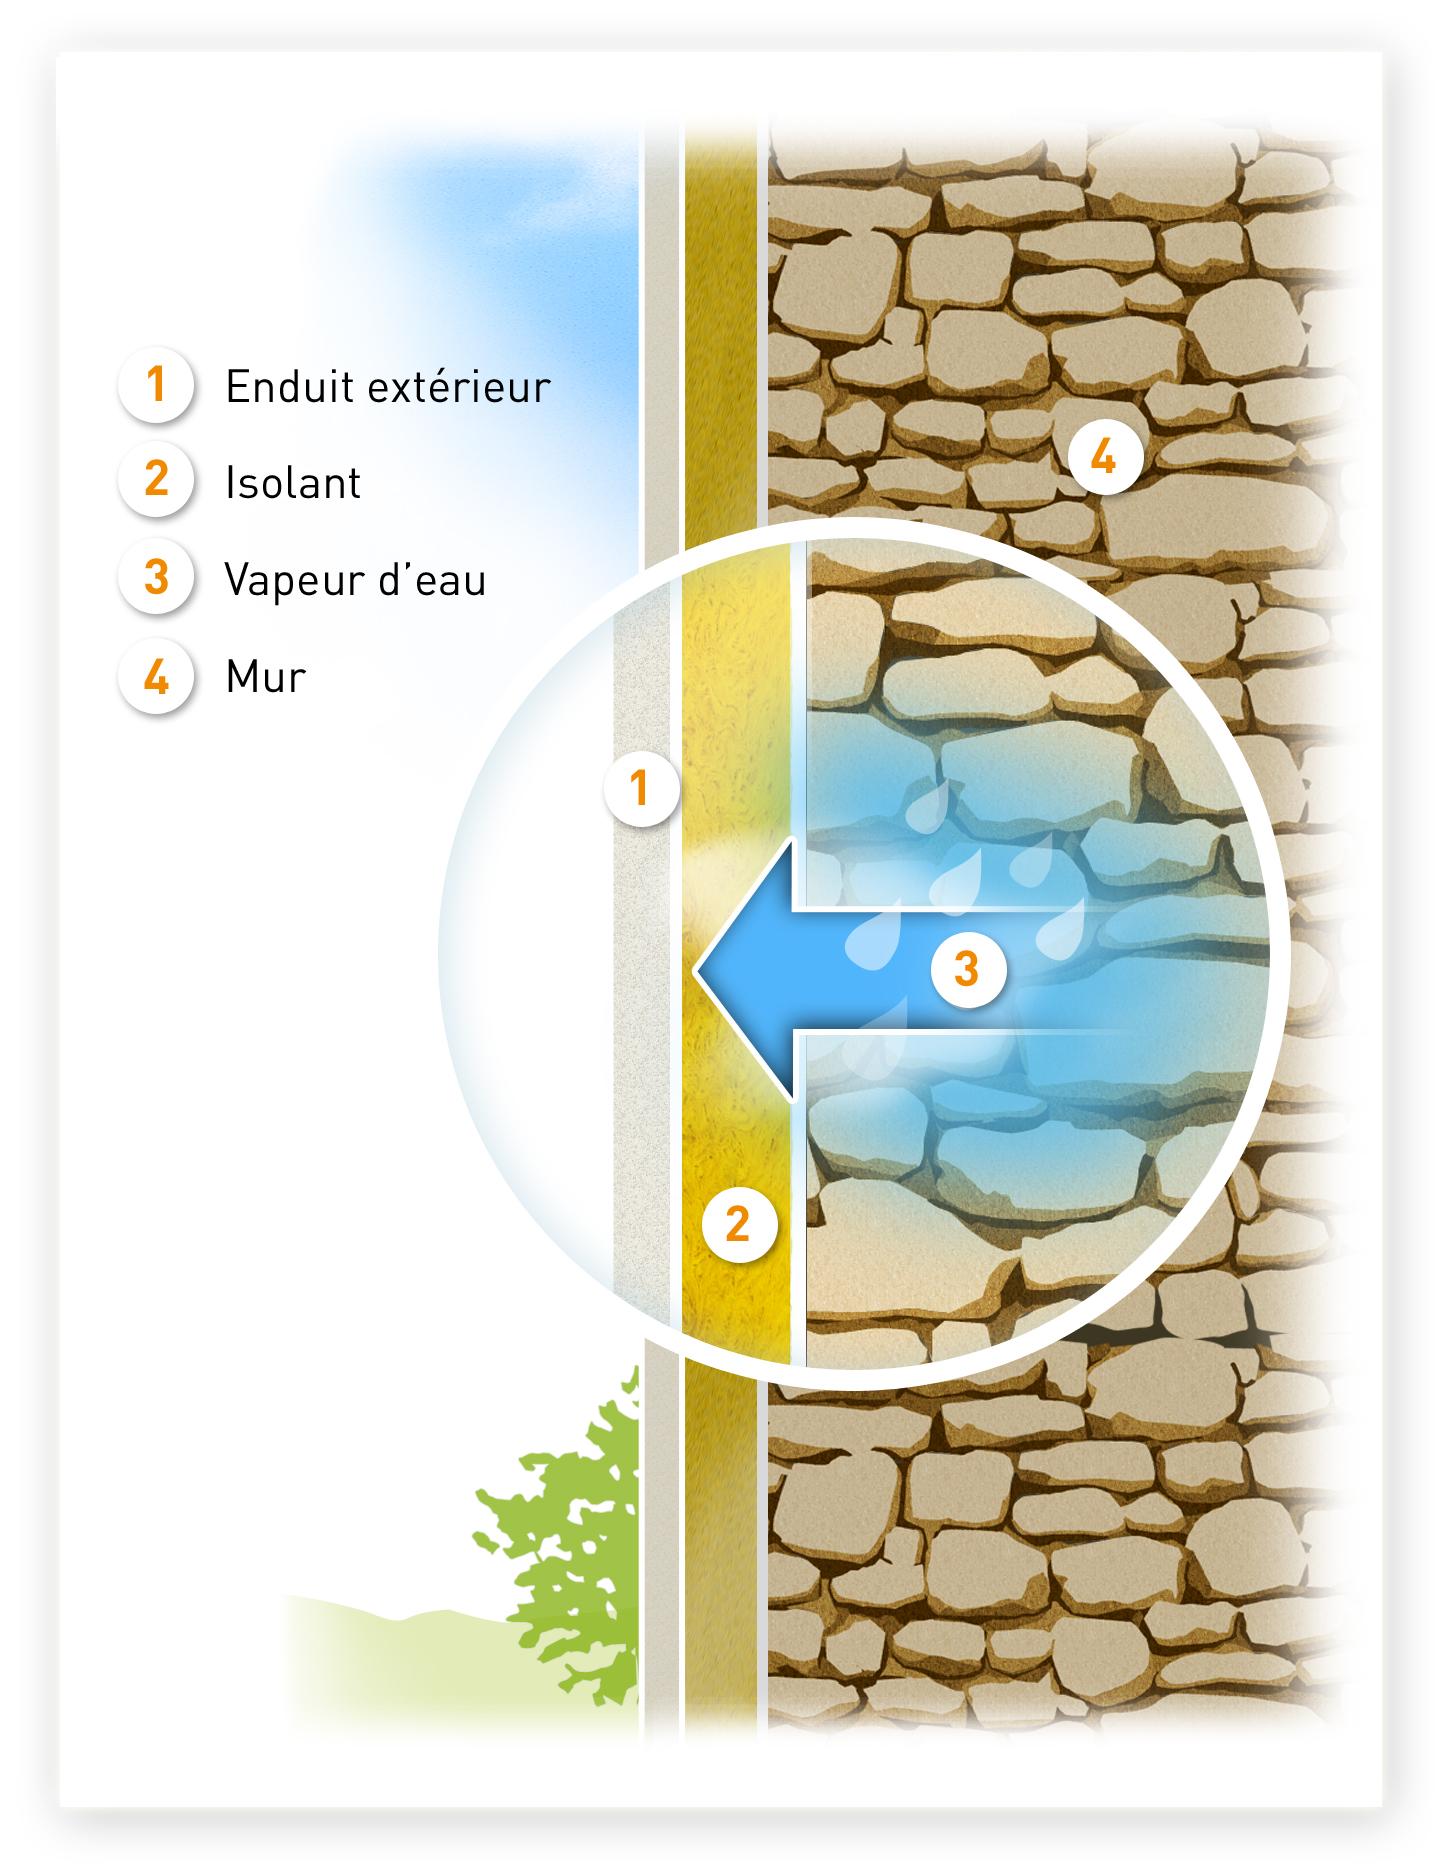 Bien choisir son isolant alec - Probleme humidite mur interieur ...